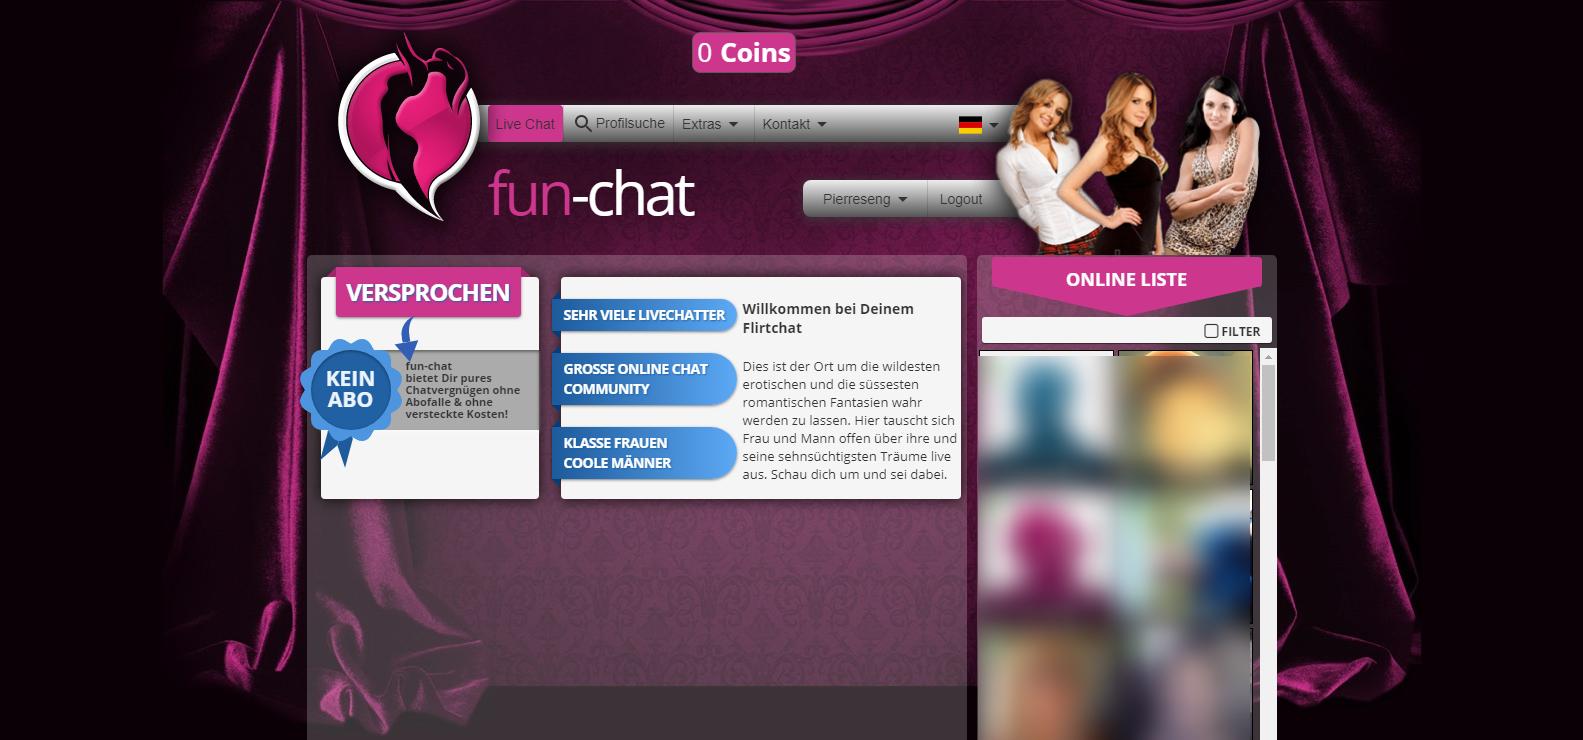 fun-chat Startseite